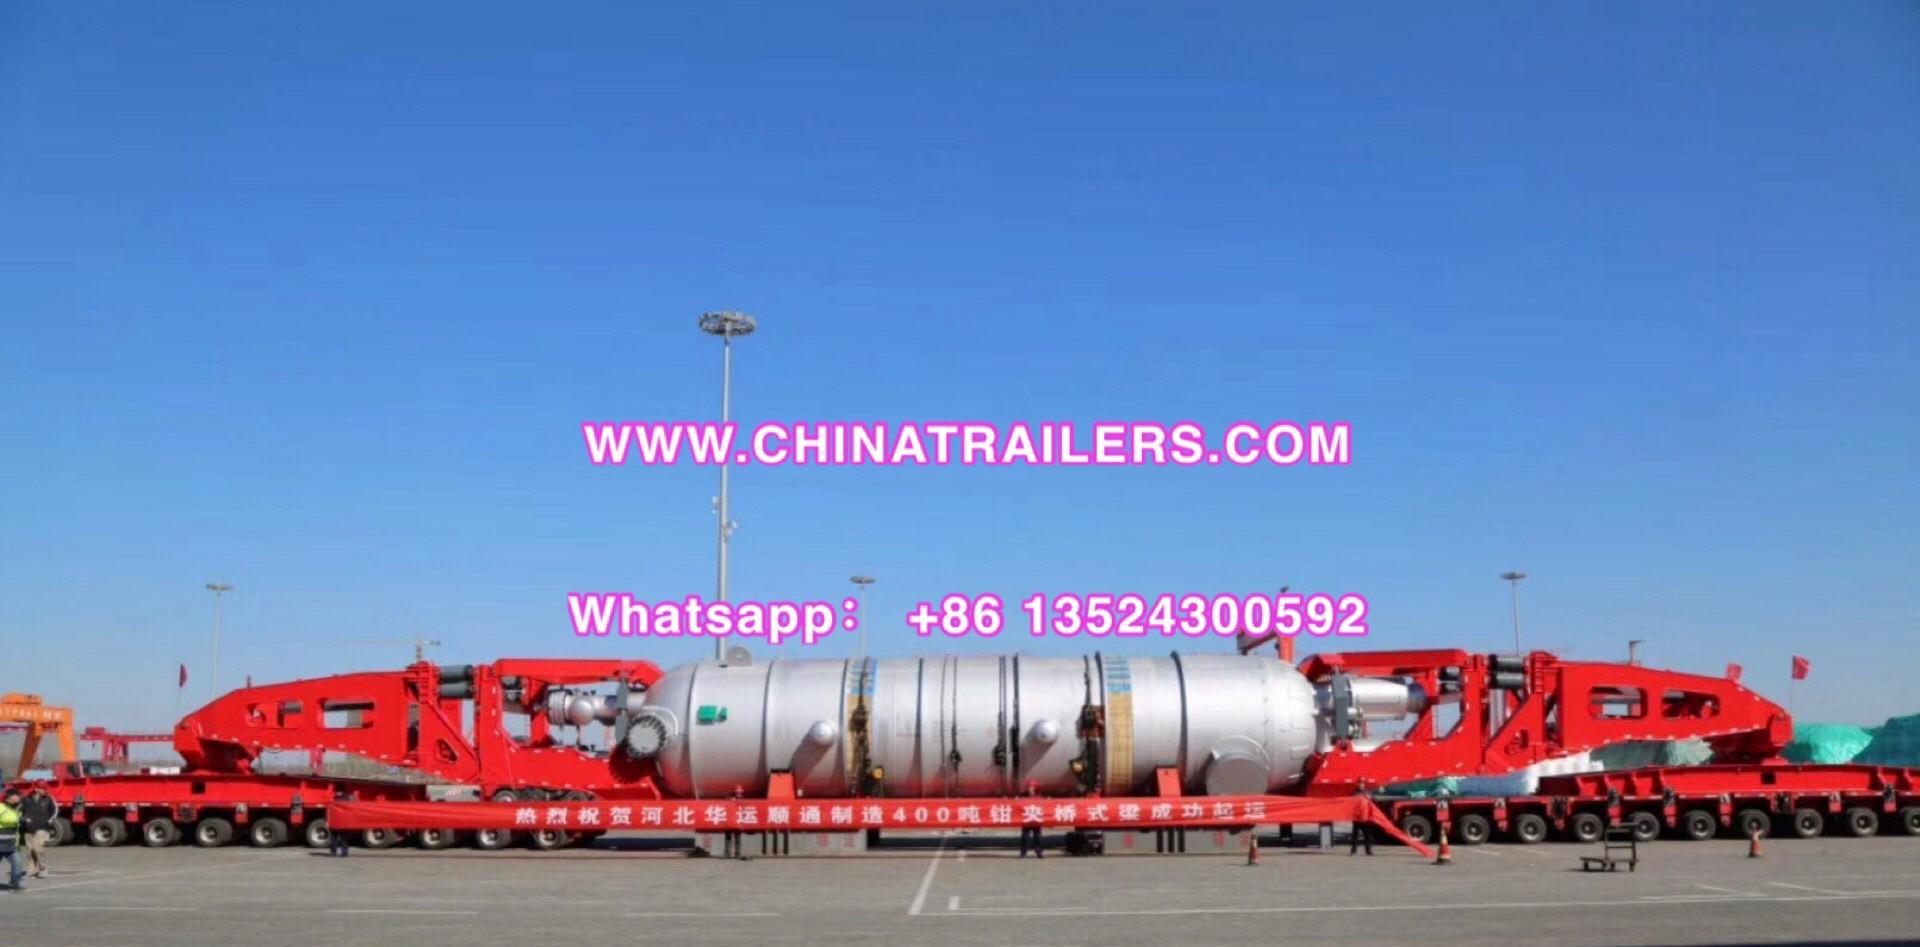 ChinaTrailers Co.,Ltd. Main Image